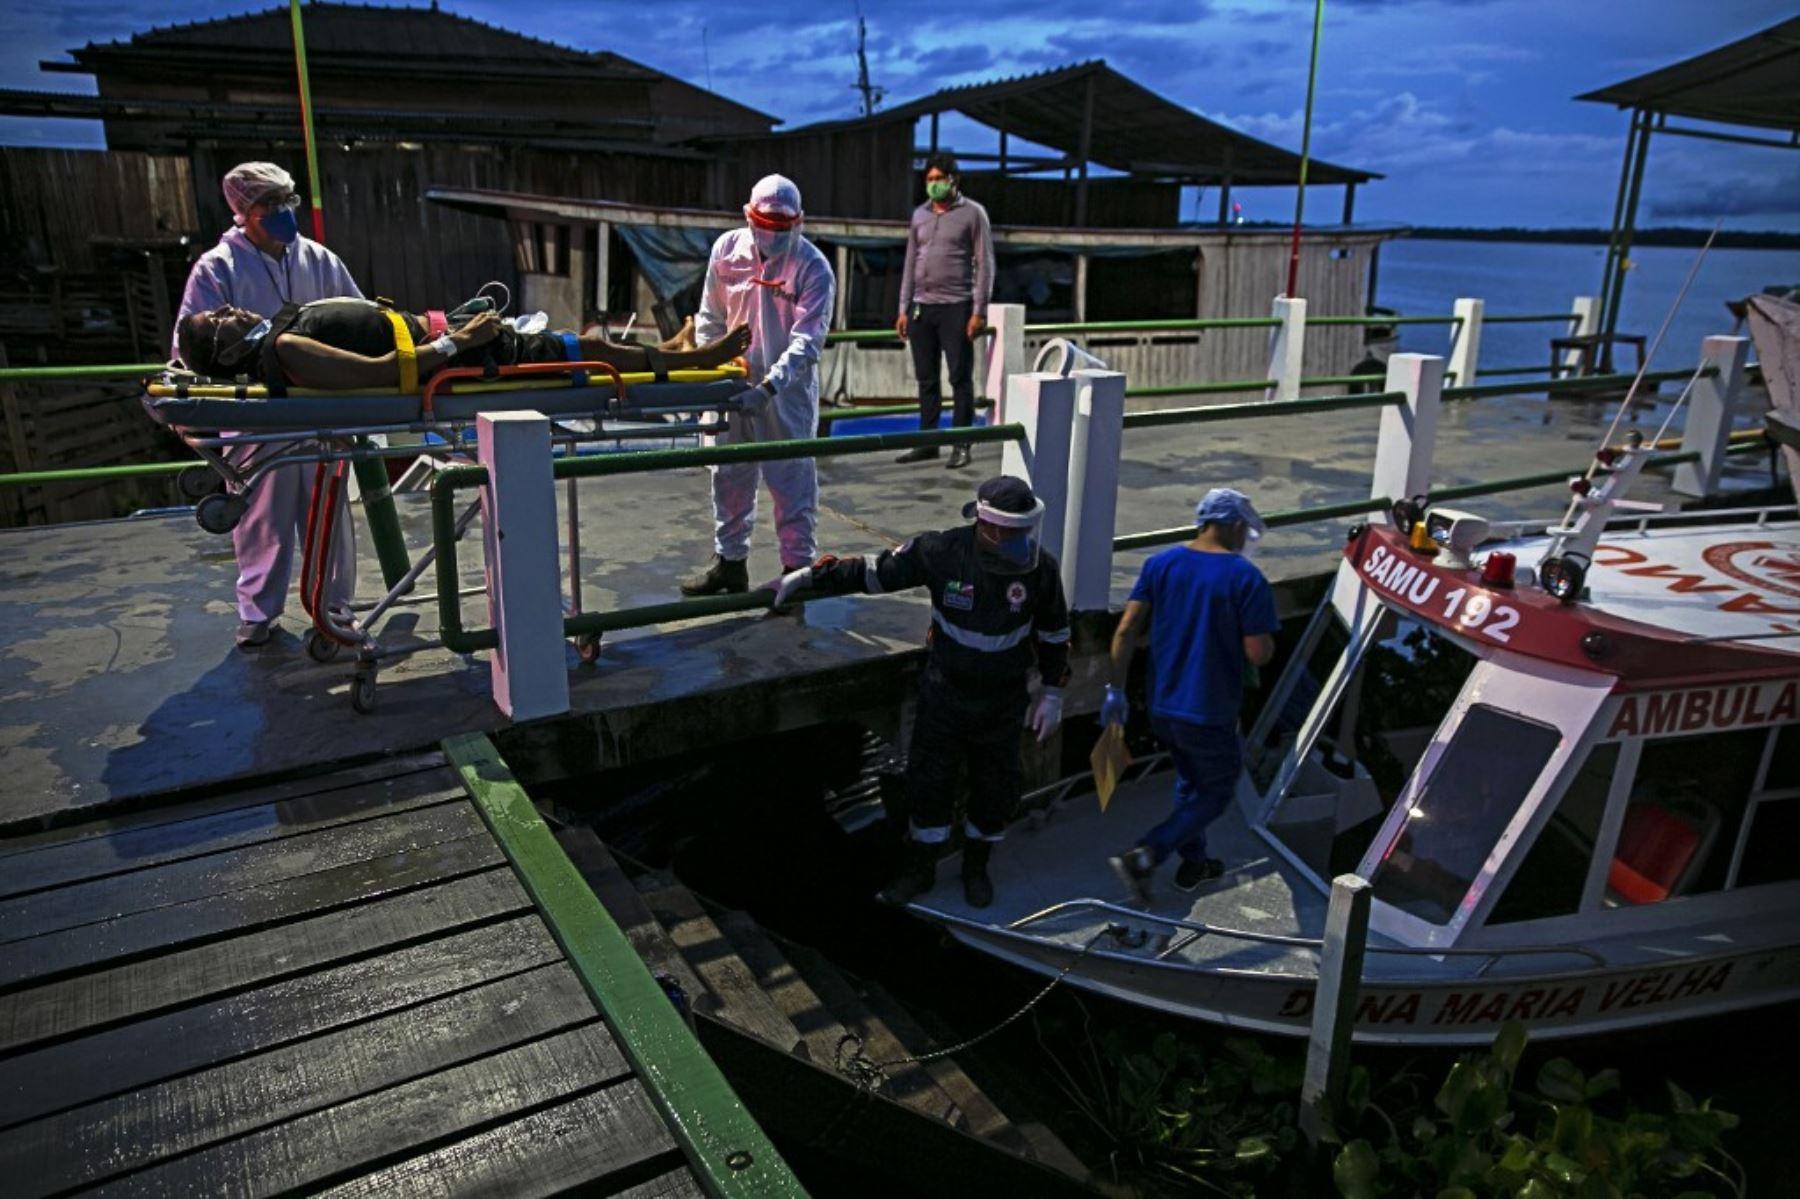 Un residente de la comunidad Divino Espirito Santo en el río Pacaja con síntomas de COVID-19 es transportado en una ambulancia en barco en un viaje de 12 horas a un hospital municipal del área de Portel en la isla de Marajo, en Brasil. Foto: AFP